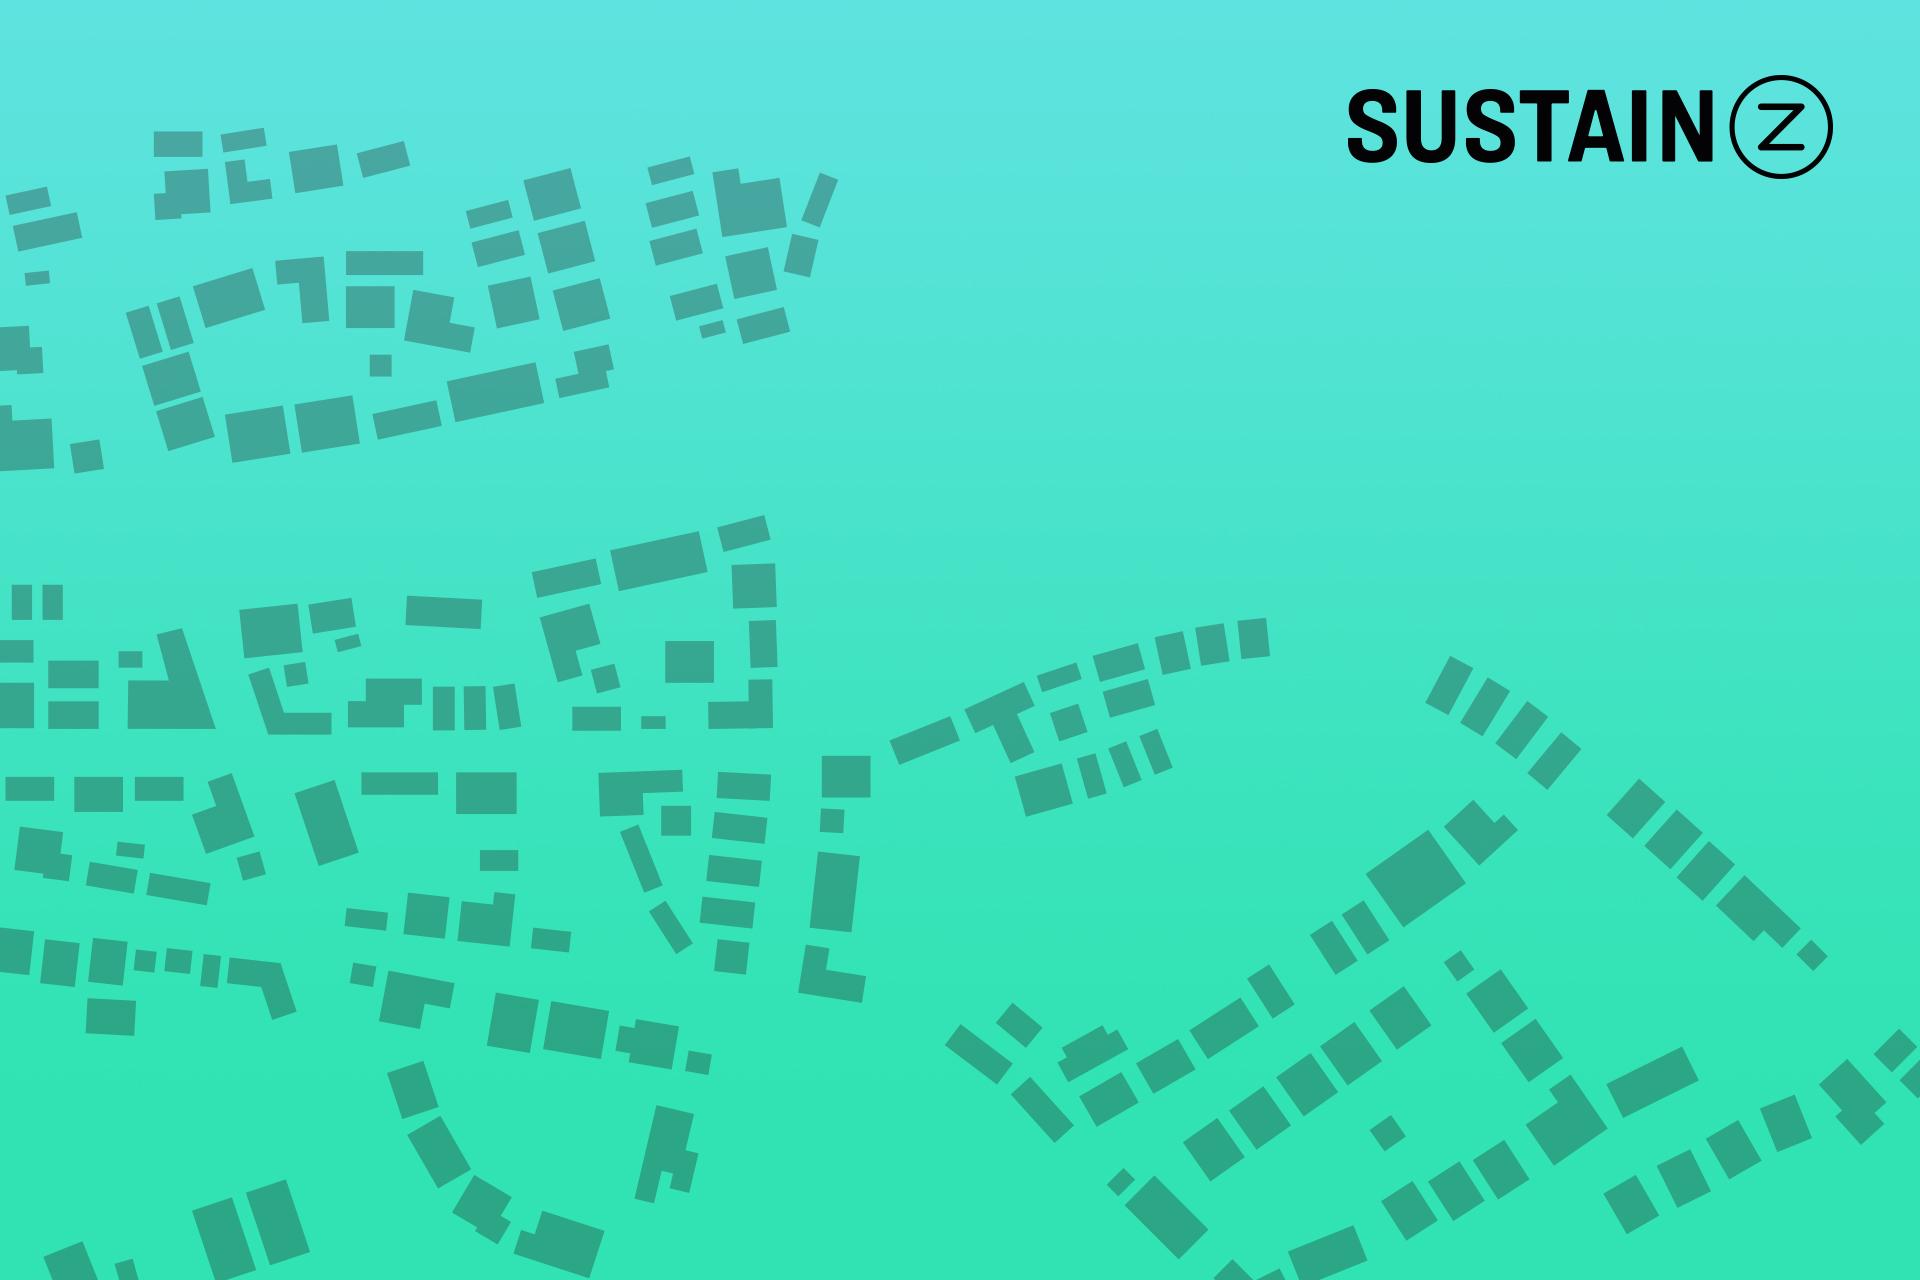 fhd_website_sustain_z_case_6